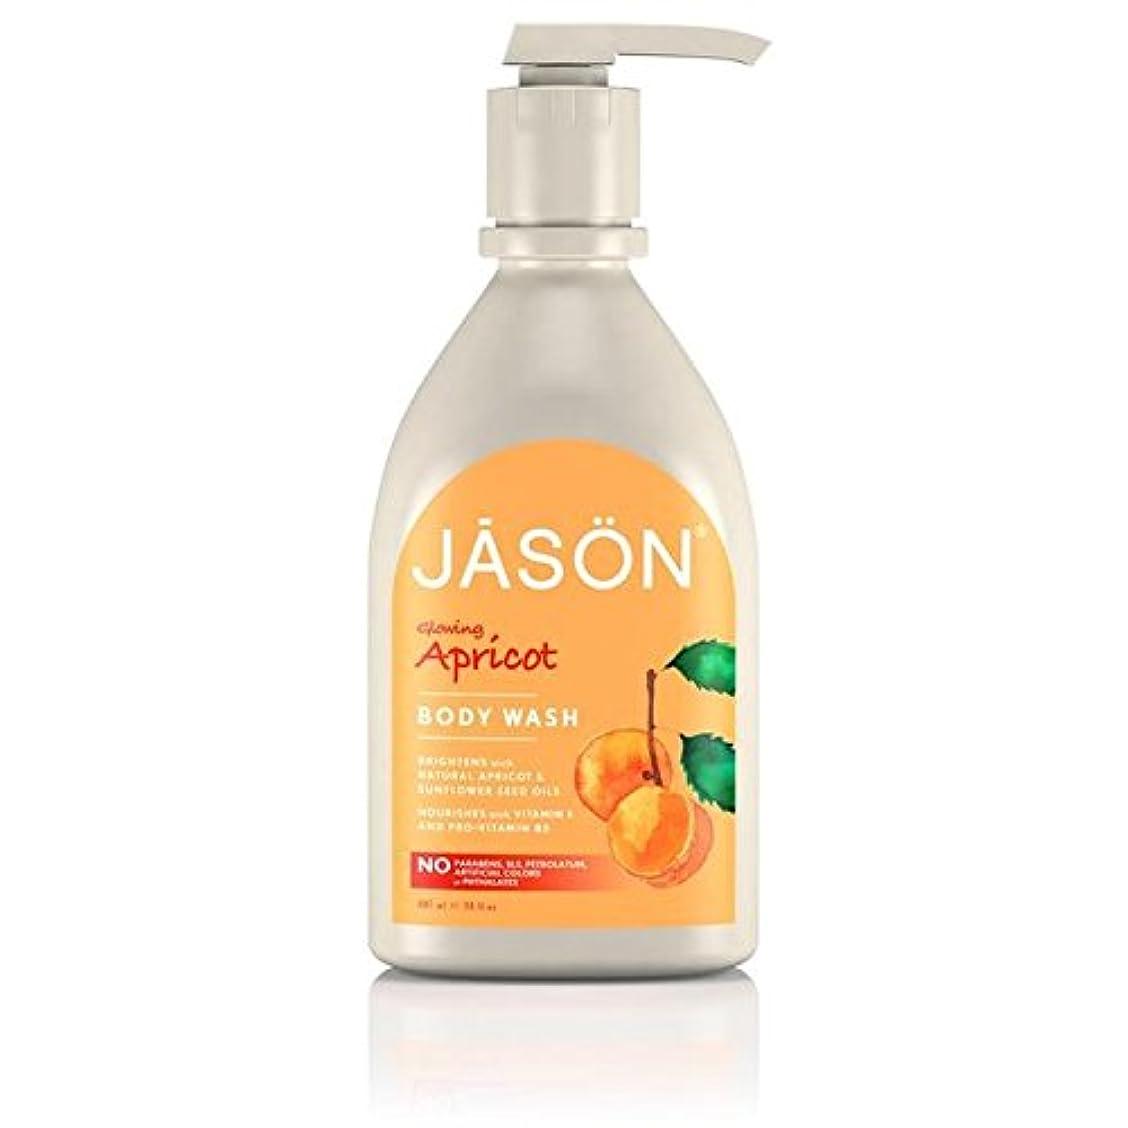 パイロットライオネルグリーンストリートスラムJason Apricot Satin Body Wash Pump 900ml - ジェイソン?アプリコットサテンボディウォッシュポンプ900ミリリットル [並行輸入品]